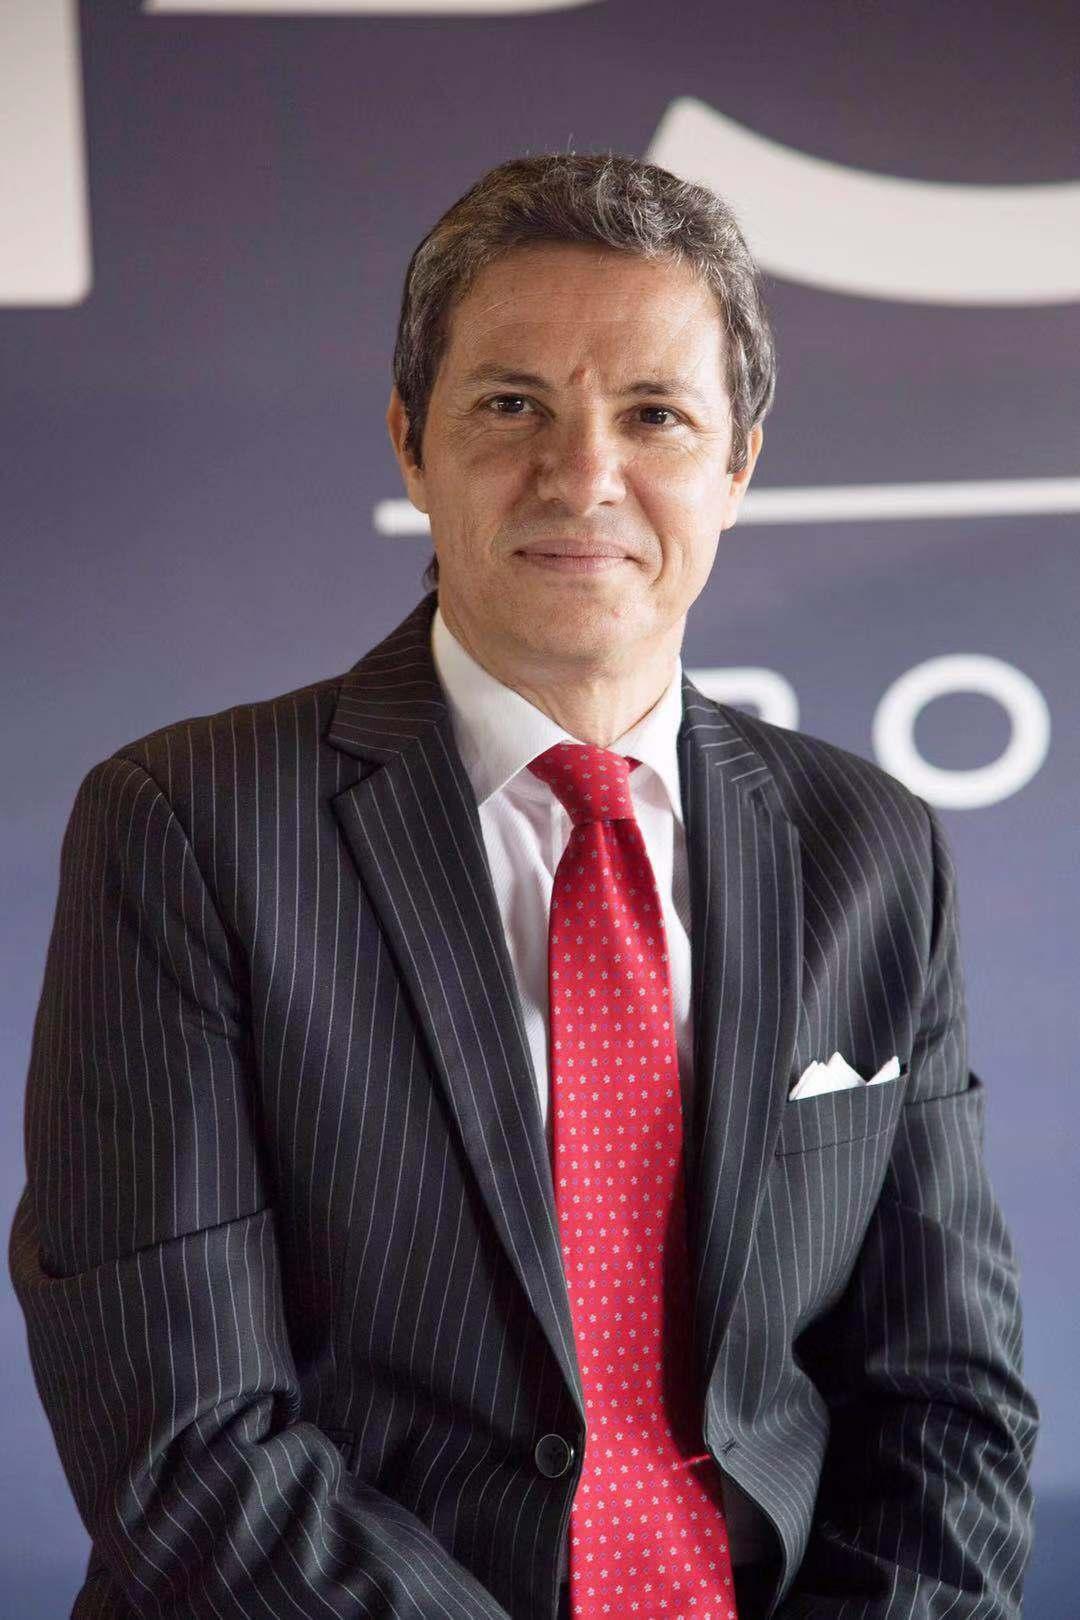 罗思博担任神龙汽车有限公司总经理 2月起生效